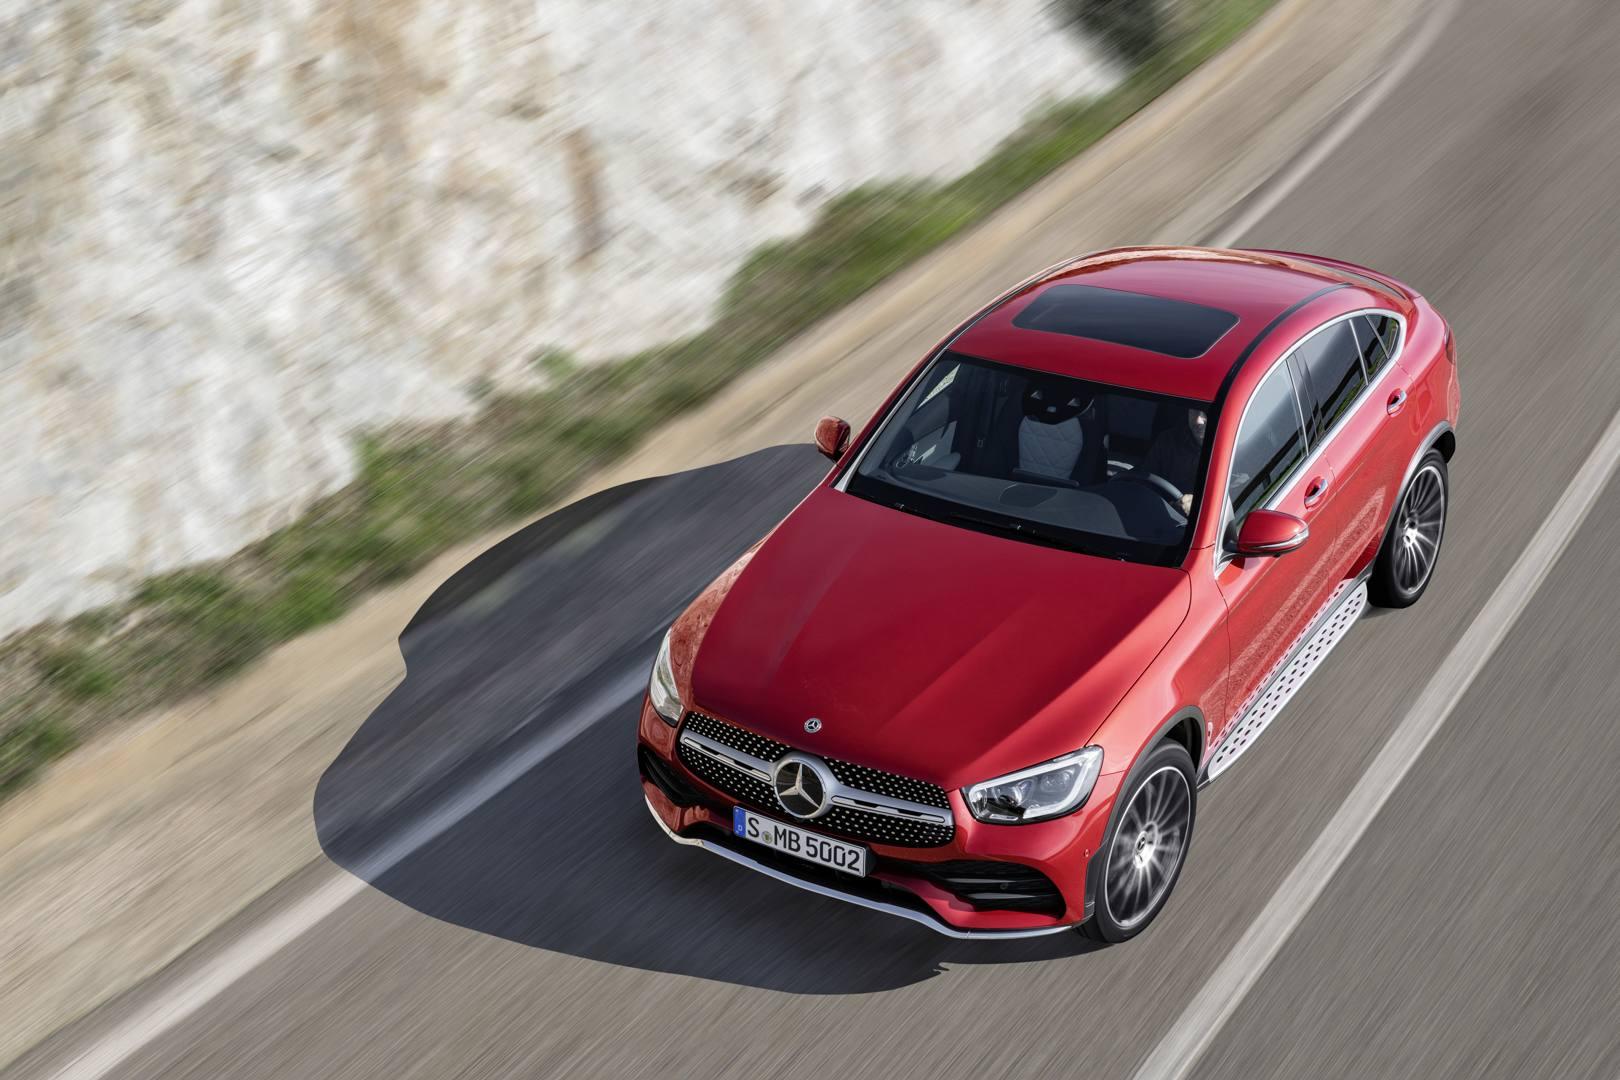 Dopo il restyling della Glc, Mercedes ha rinnovato anche la Glc Coupé